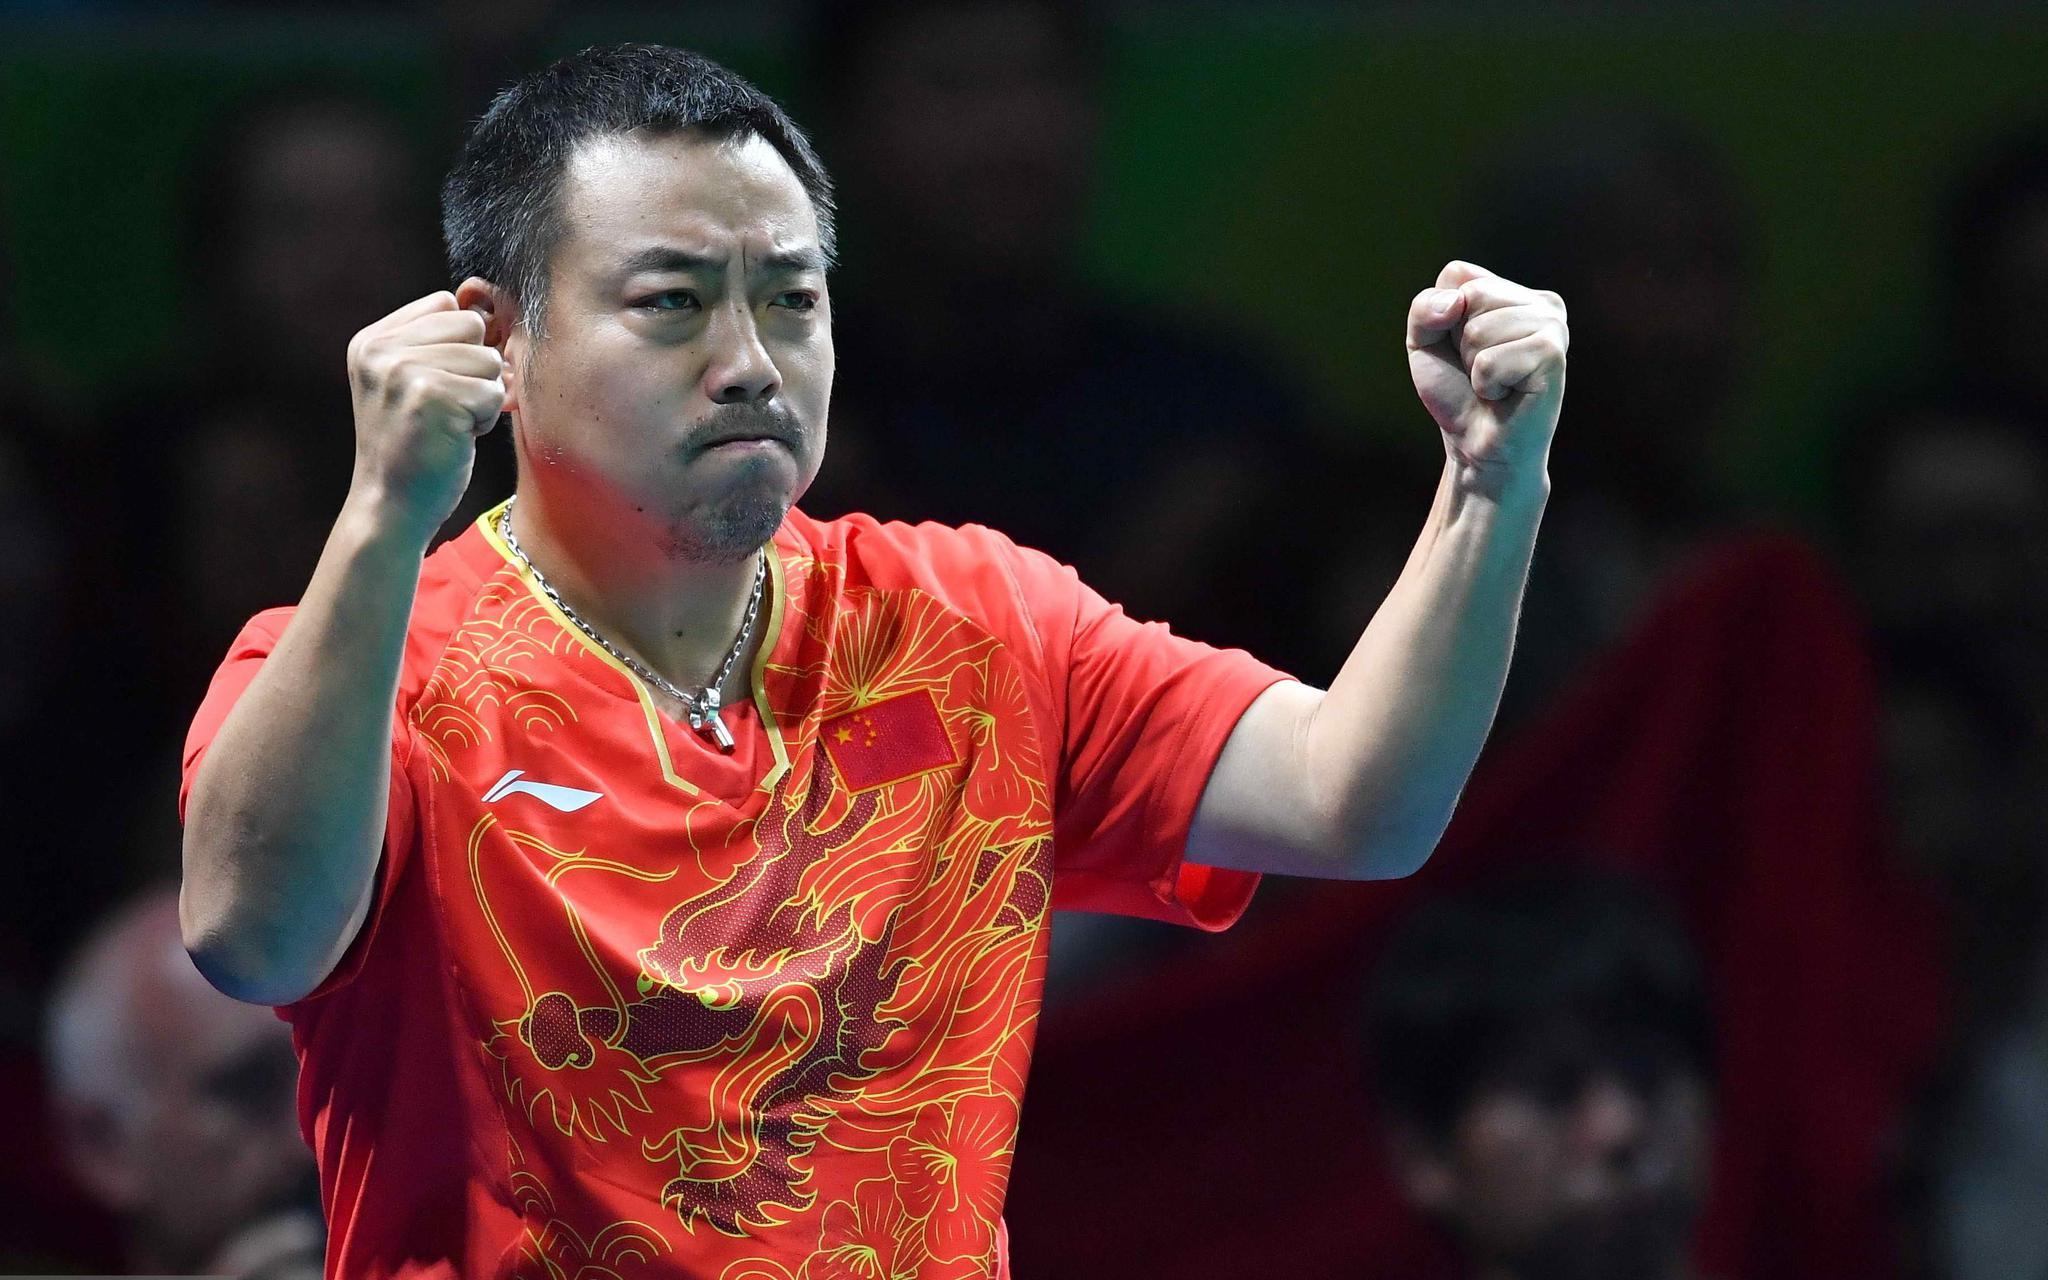 【摩天登录】WTT世摩天登录界乒乓球职业大联盟理事图片